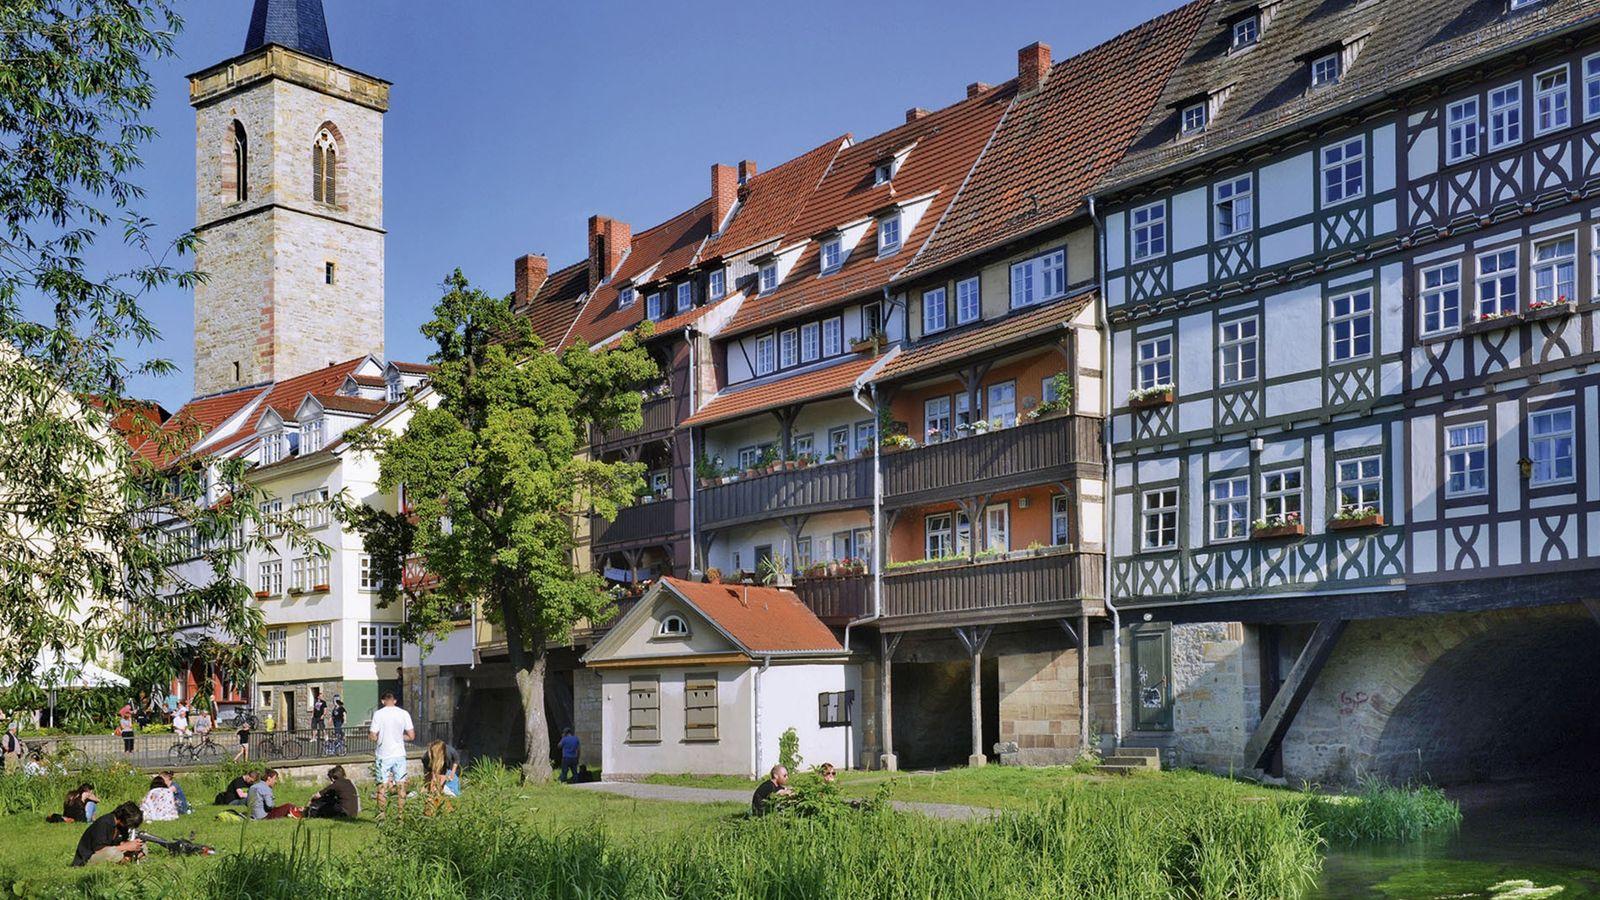 Erfurt Tourismus & Marketing